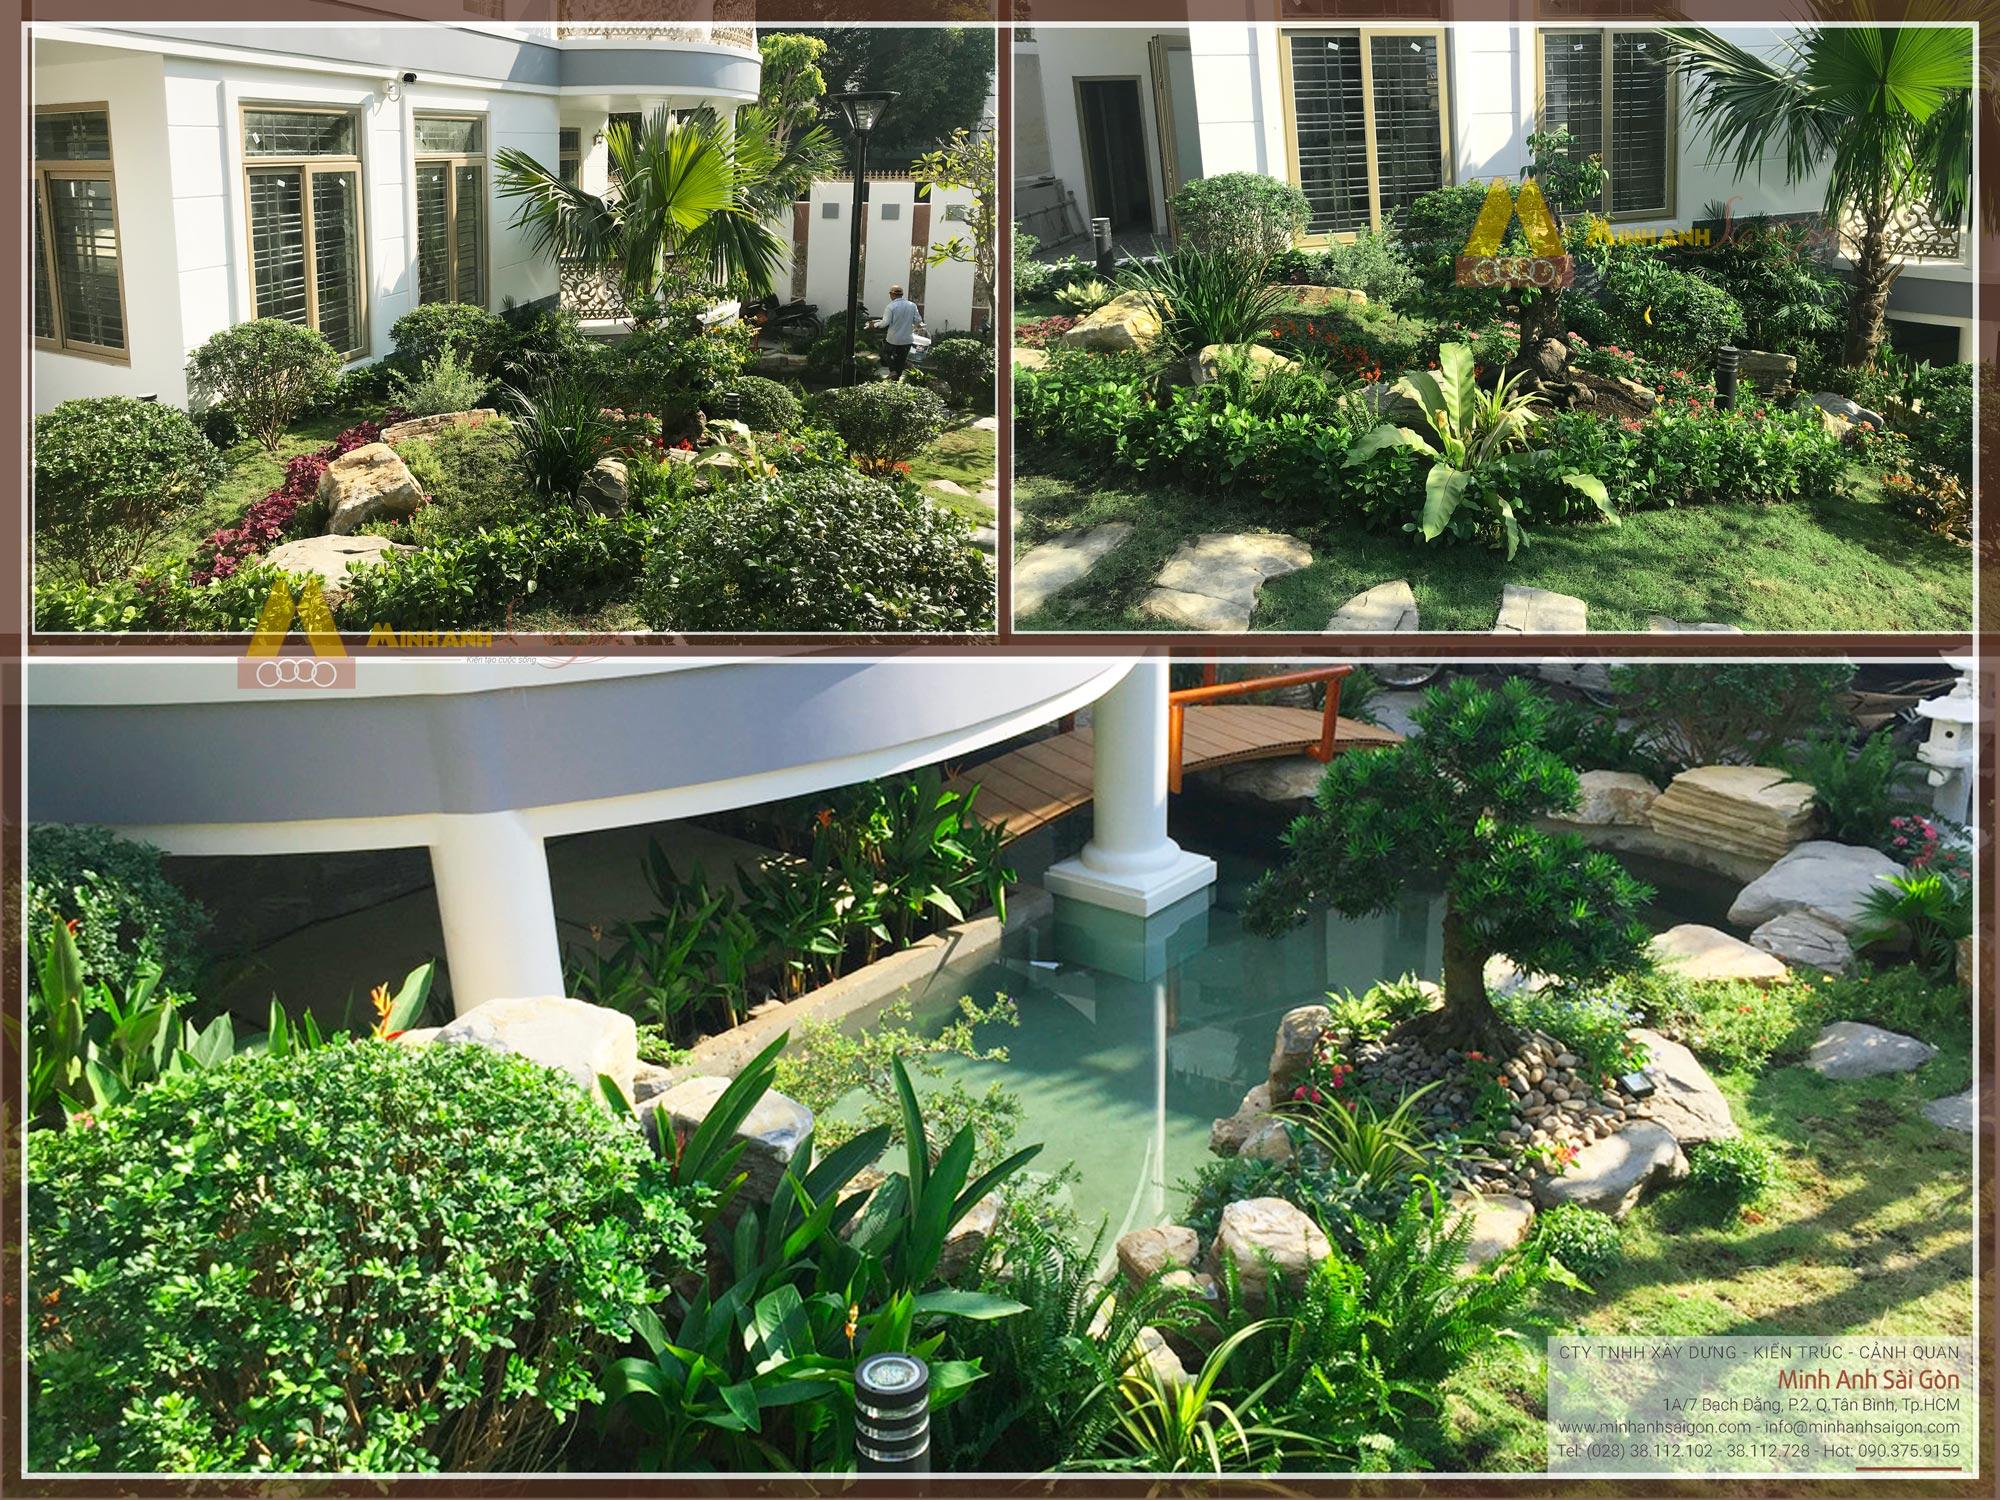 Thi công biệt thự sân vườn Quận 12 (Phần 2)